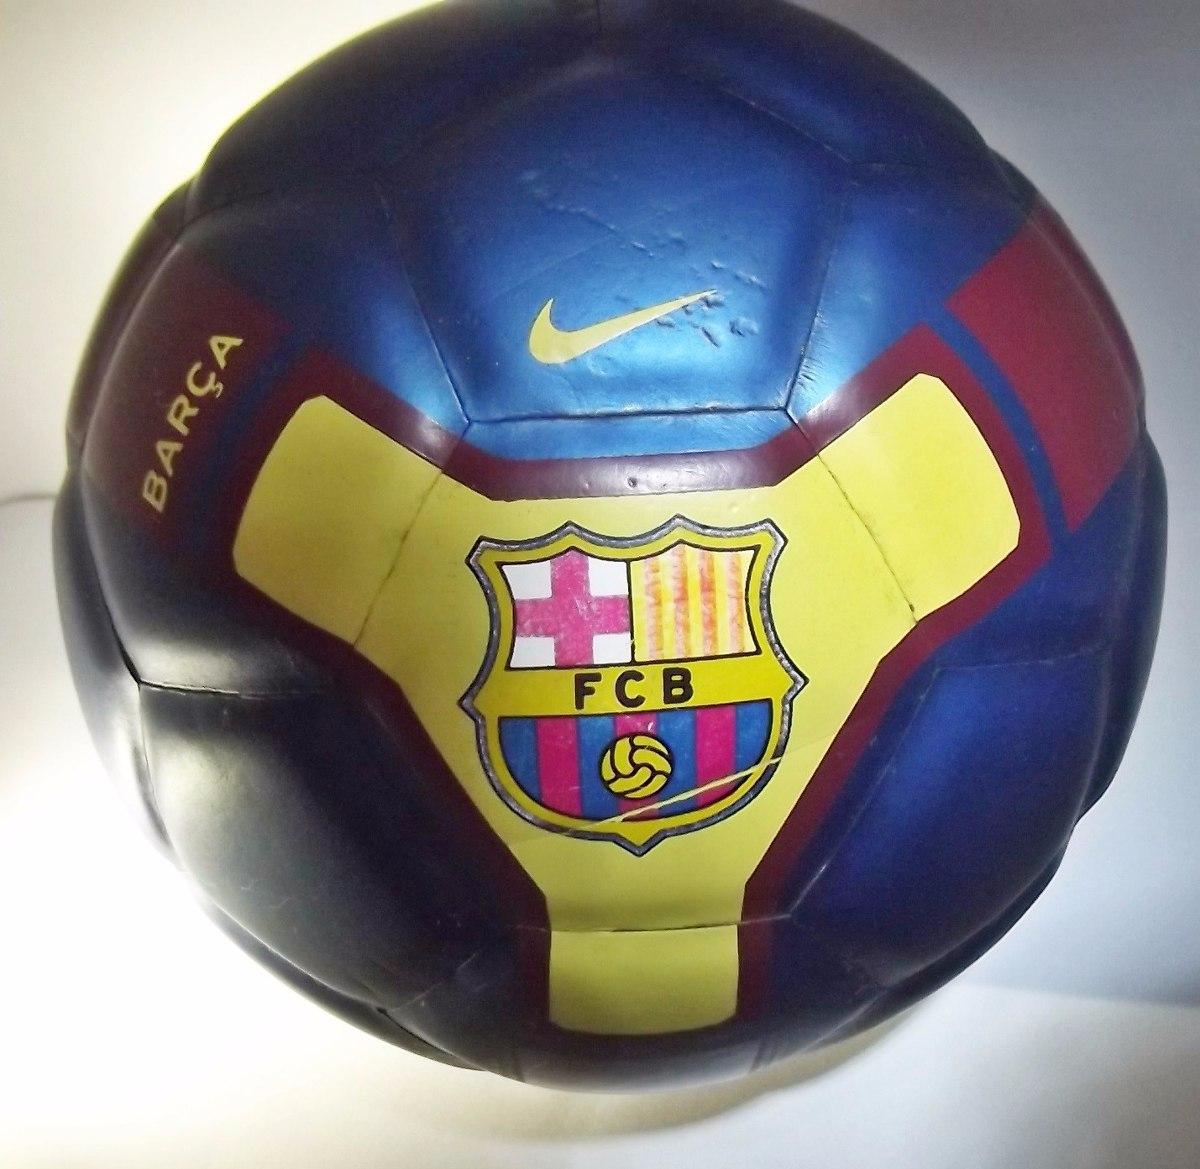 Nike 00 Oficial R90 Futsal Em Livre De Bola Mercado kZuOXiTwP